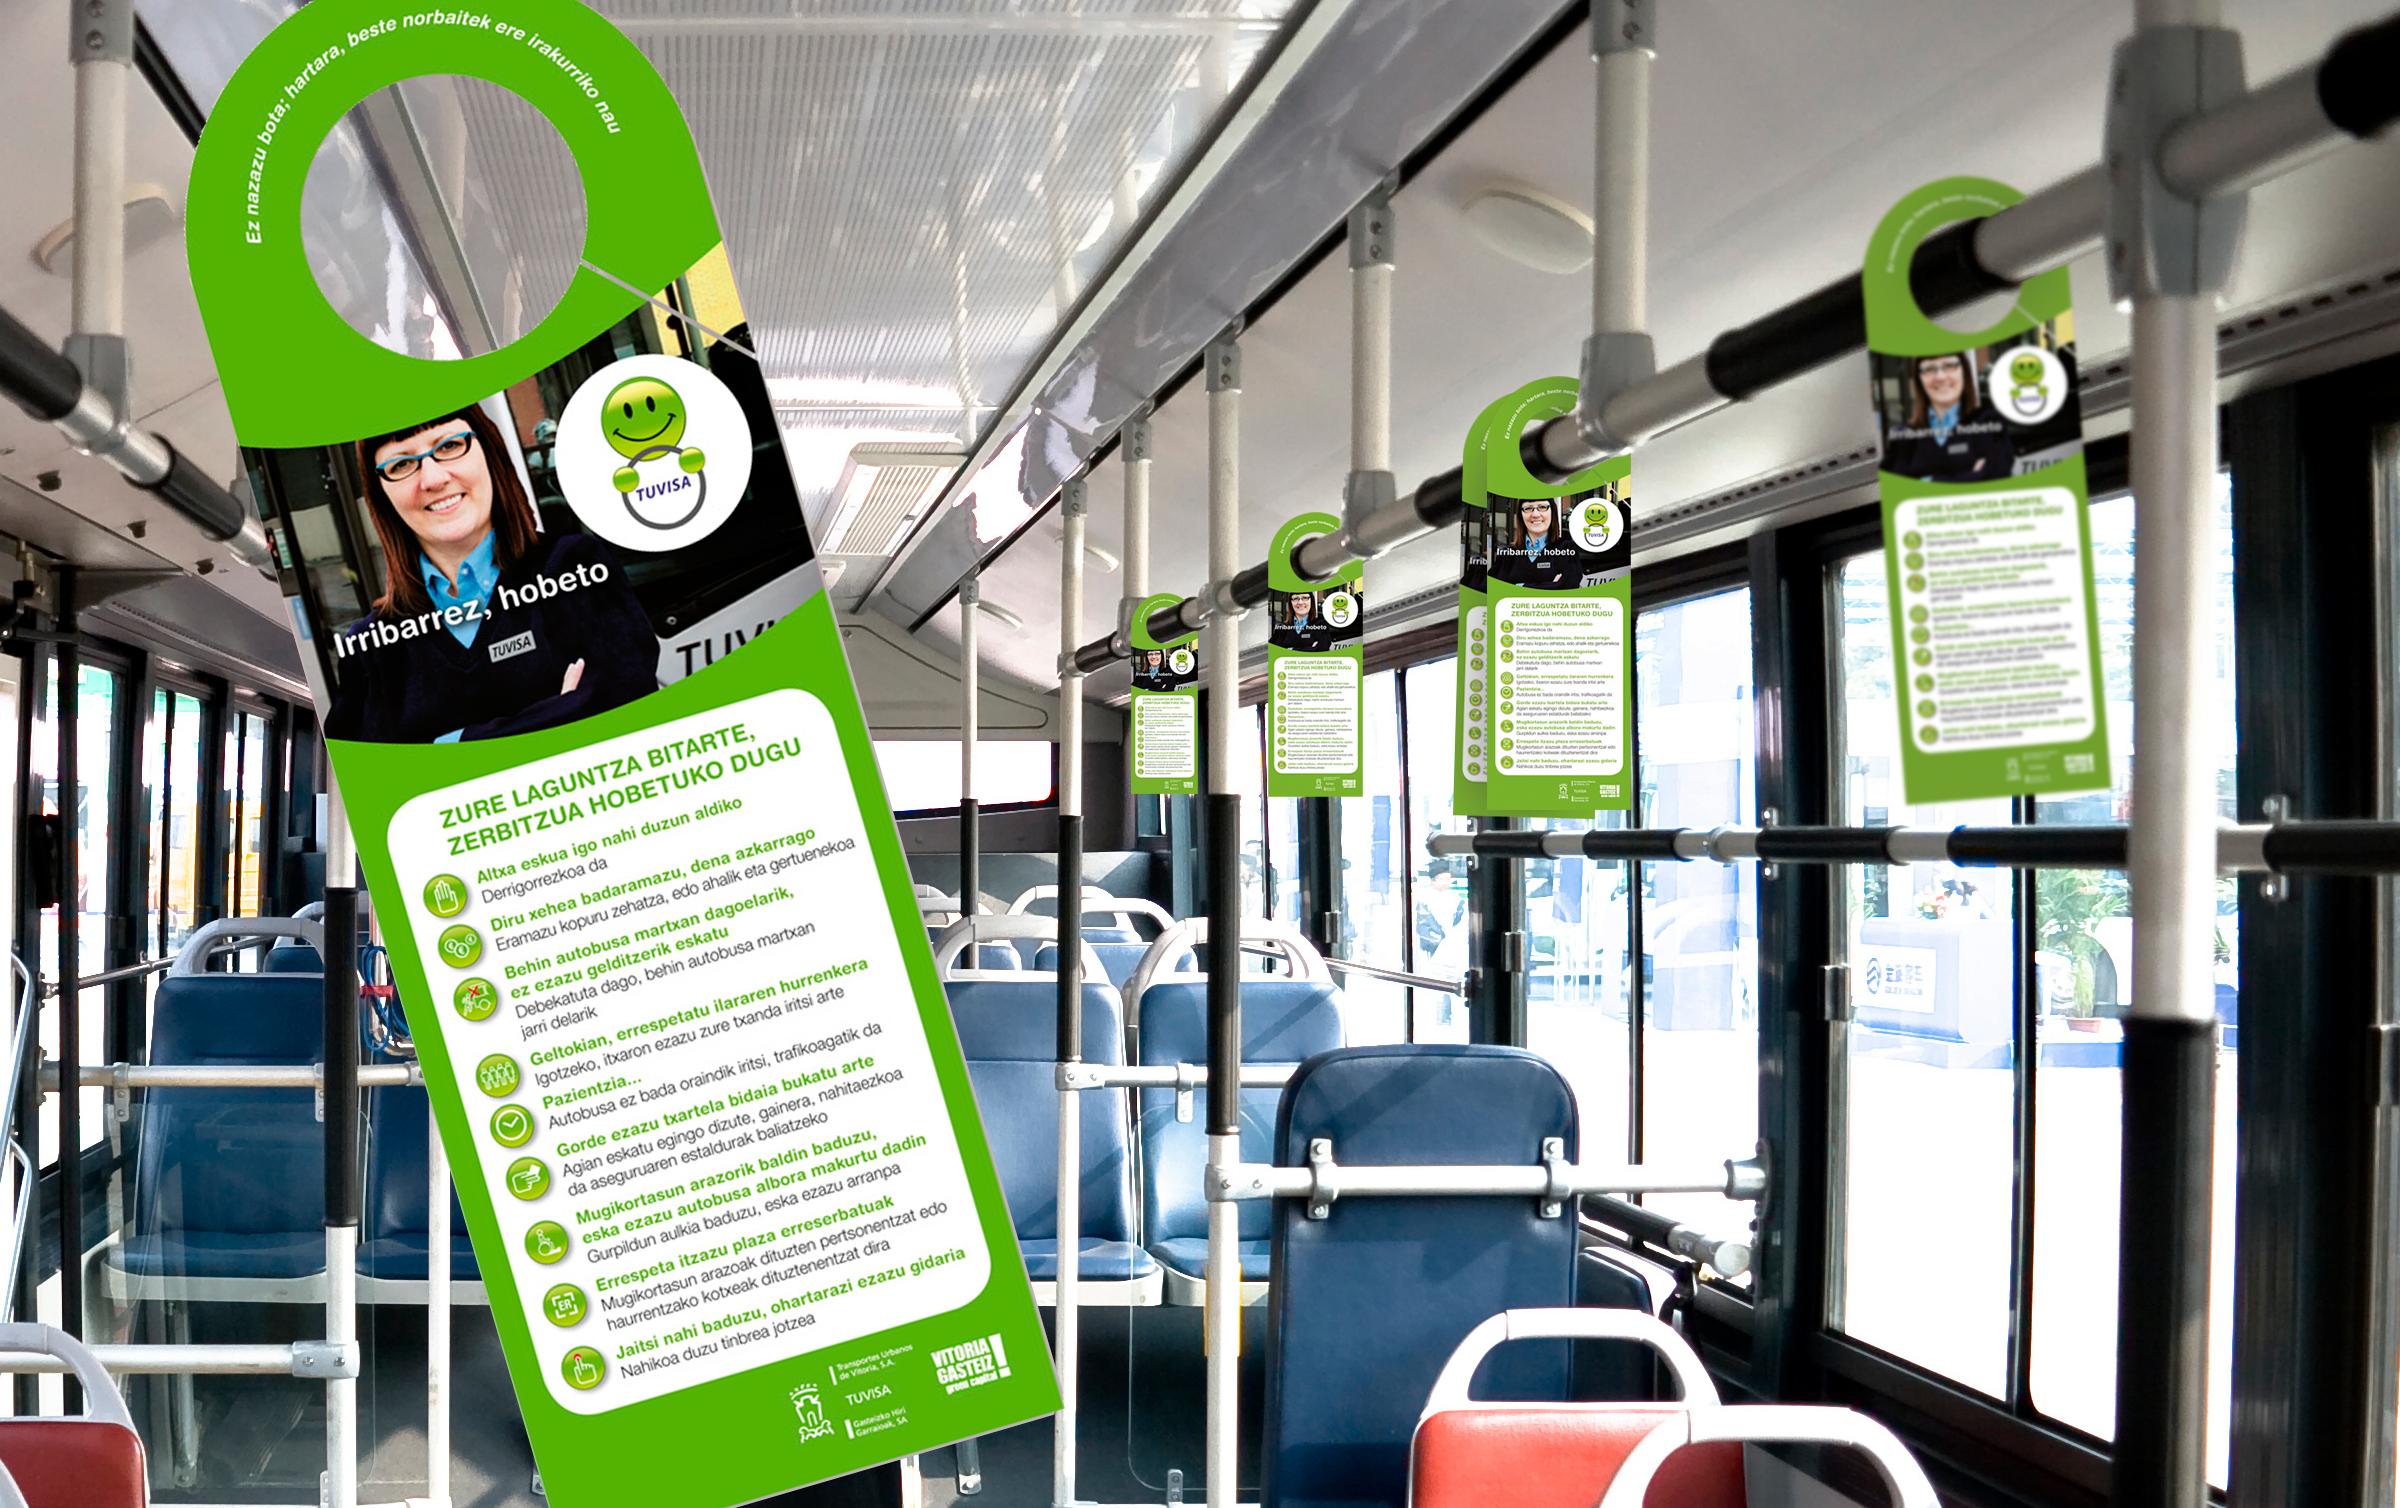 Elemento publicitario para colgar en el interior de los autobuses